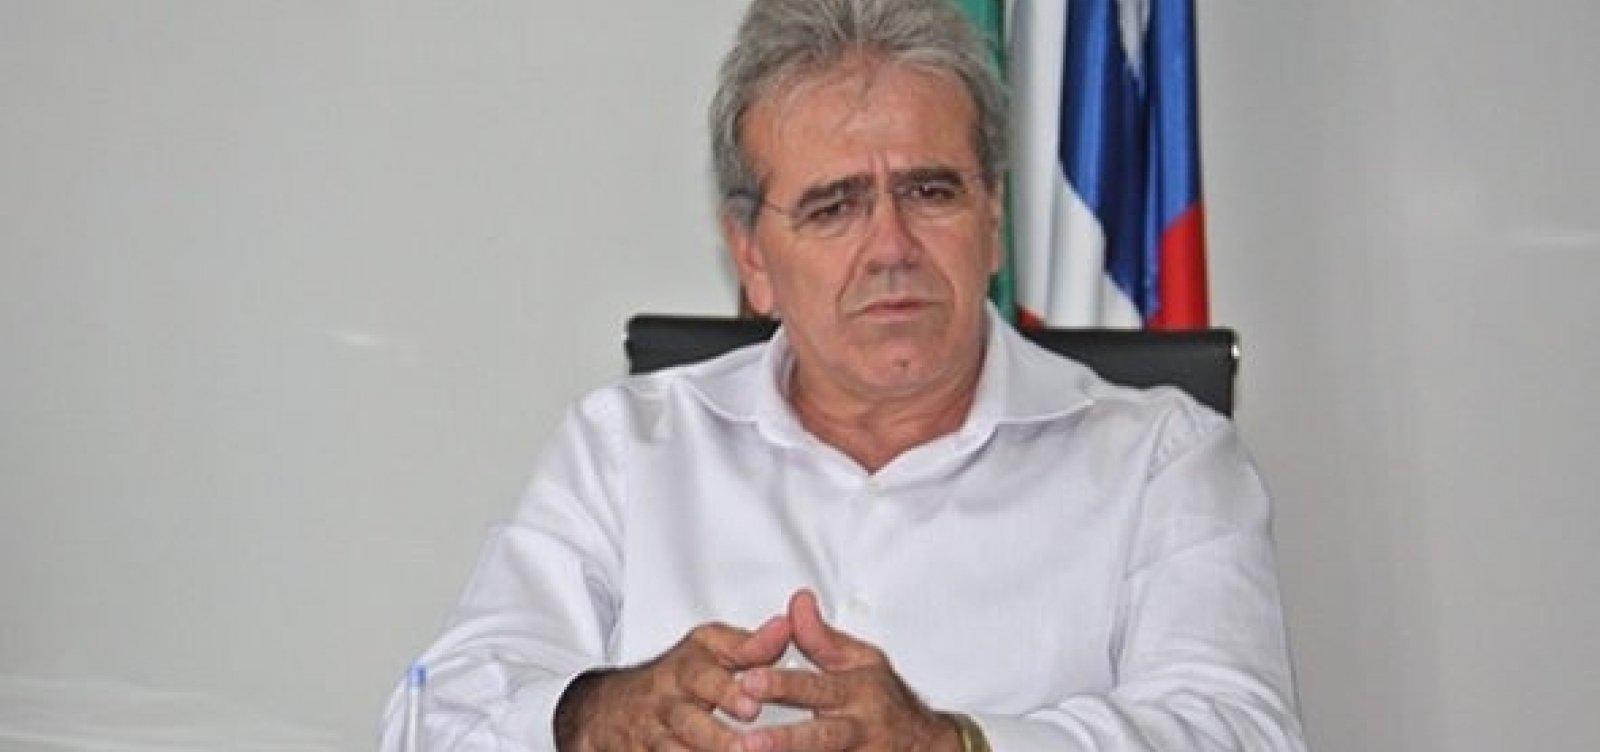 [Ex-prefeito de Teixeira de Freitas é denunciado por fraudar contrato com UPB]